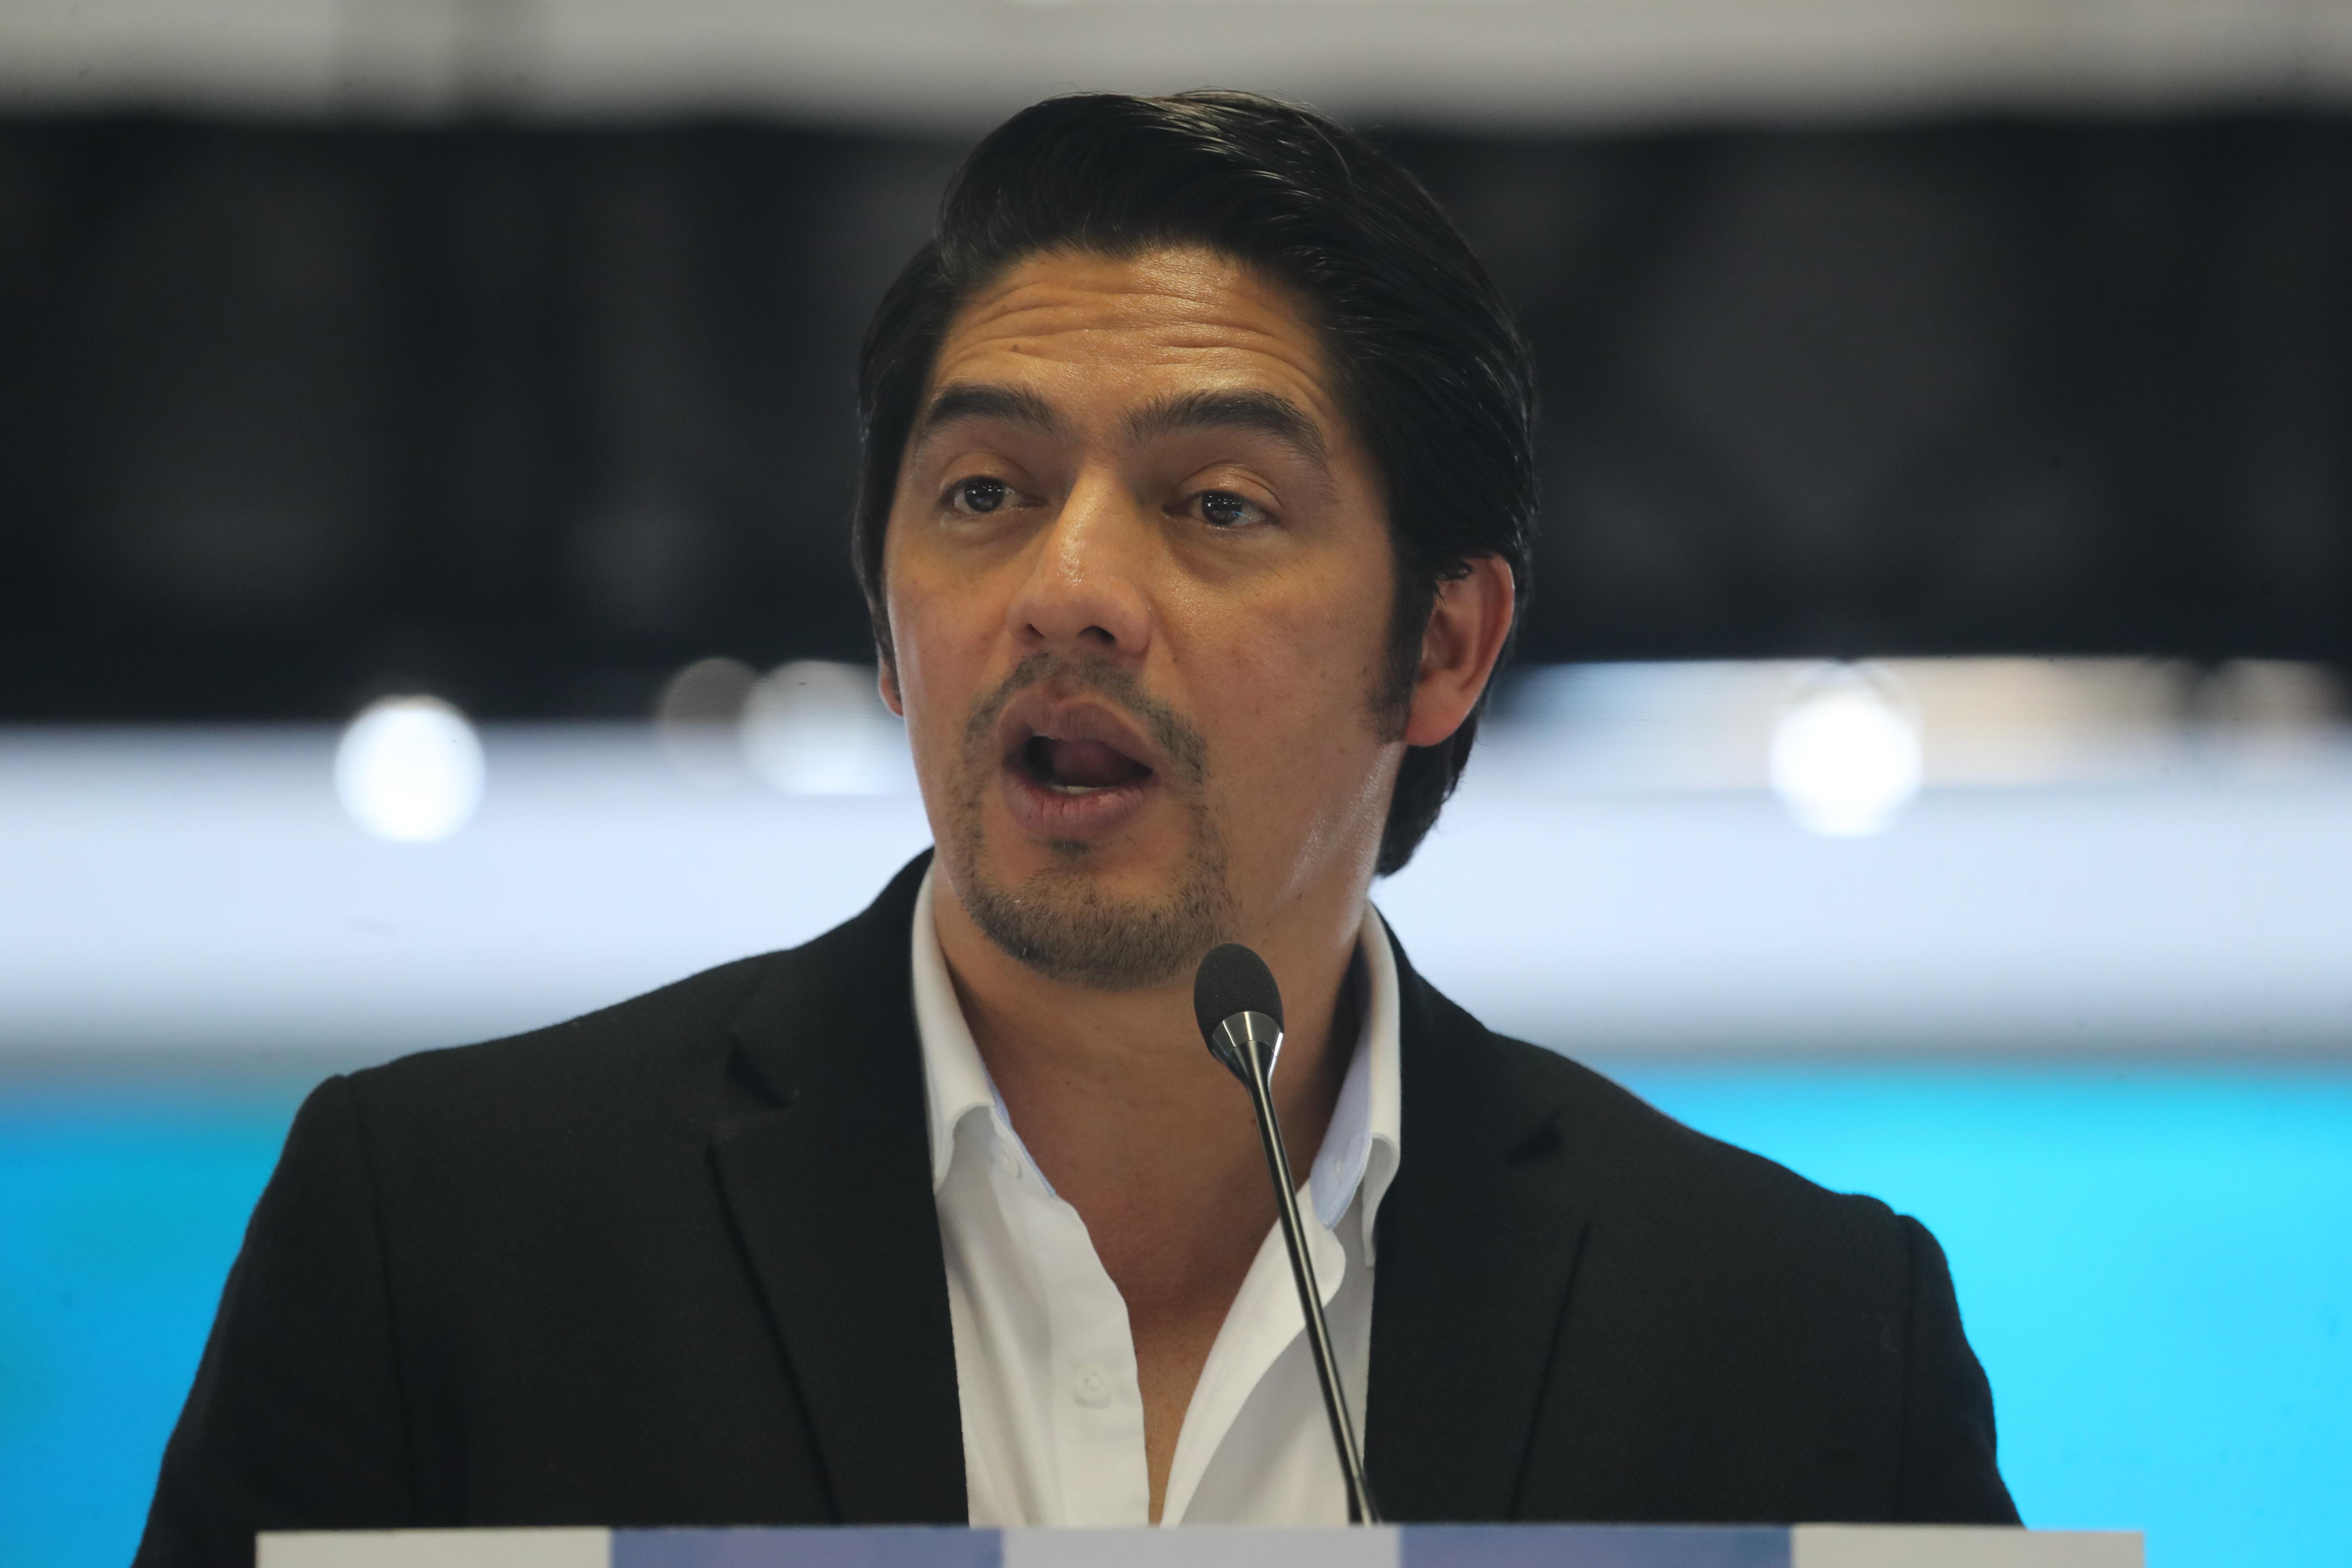 Juan Carlos Eggenberger, como presidente,  proclamado como candidato presidenciables en  asamblea Nacional del partido VIVA la cual se realzo en el parque de la industria.   Erick Avila                   26/01/2019